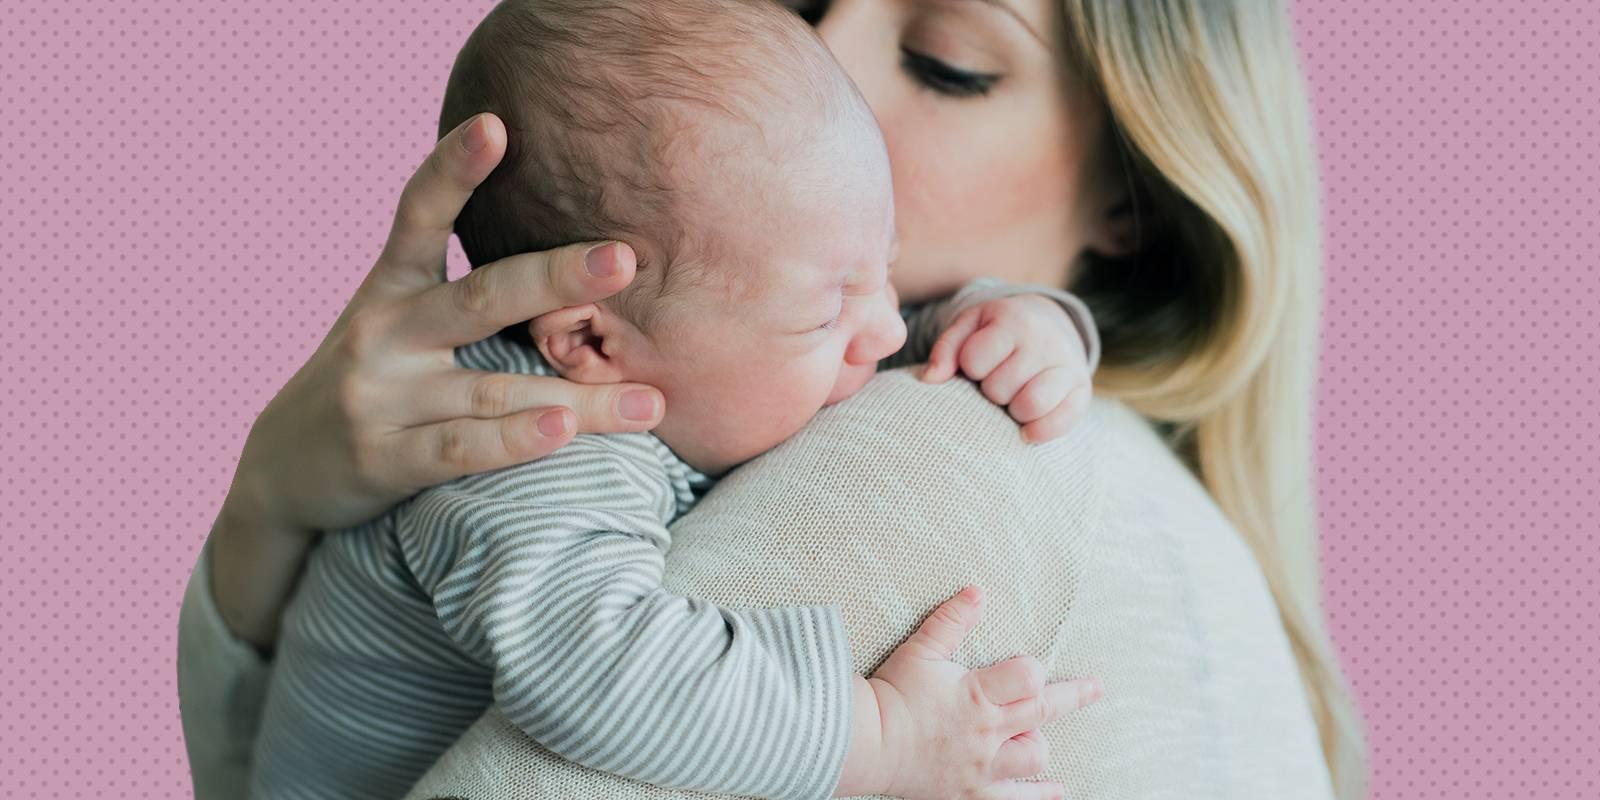 Когда ребенок начинает держать голову; сроки, этапы, причины проблем